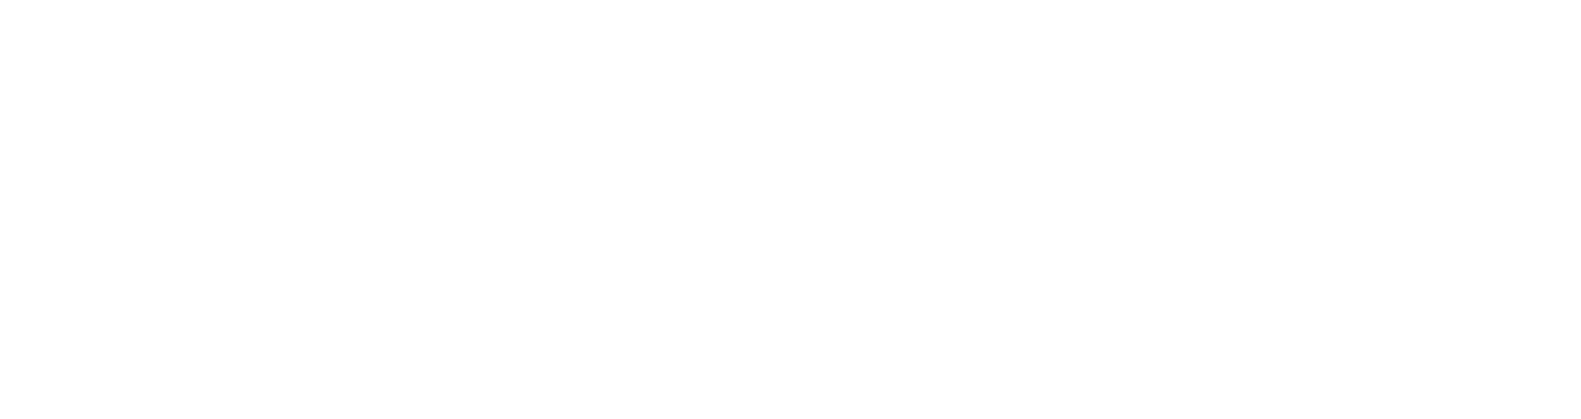 David Heidhoff Concept Art